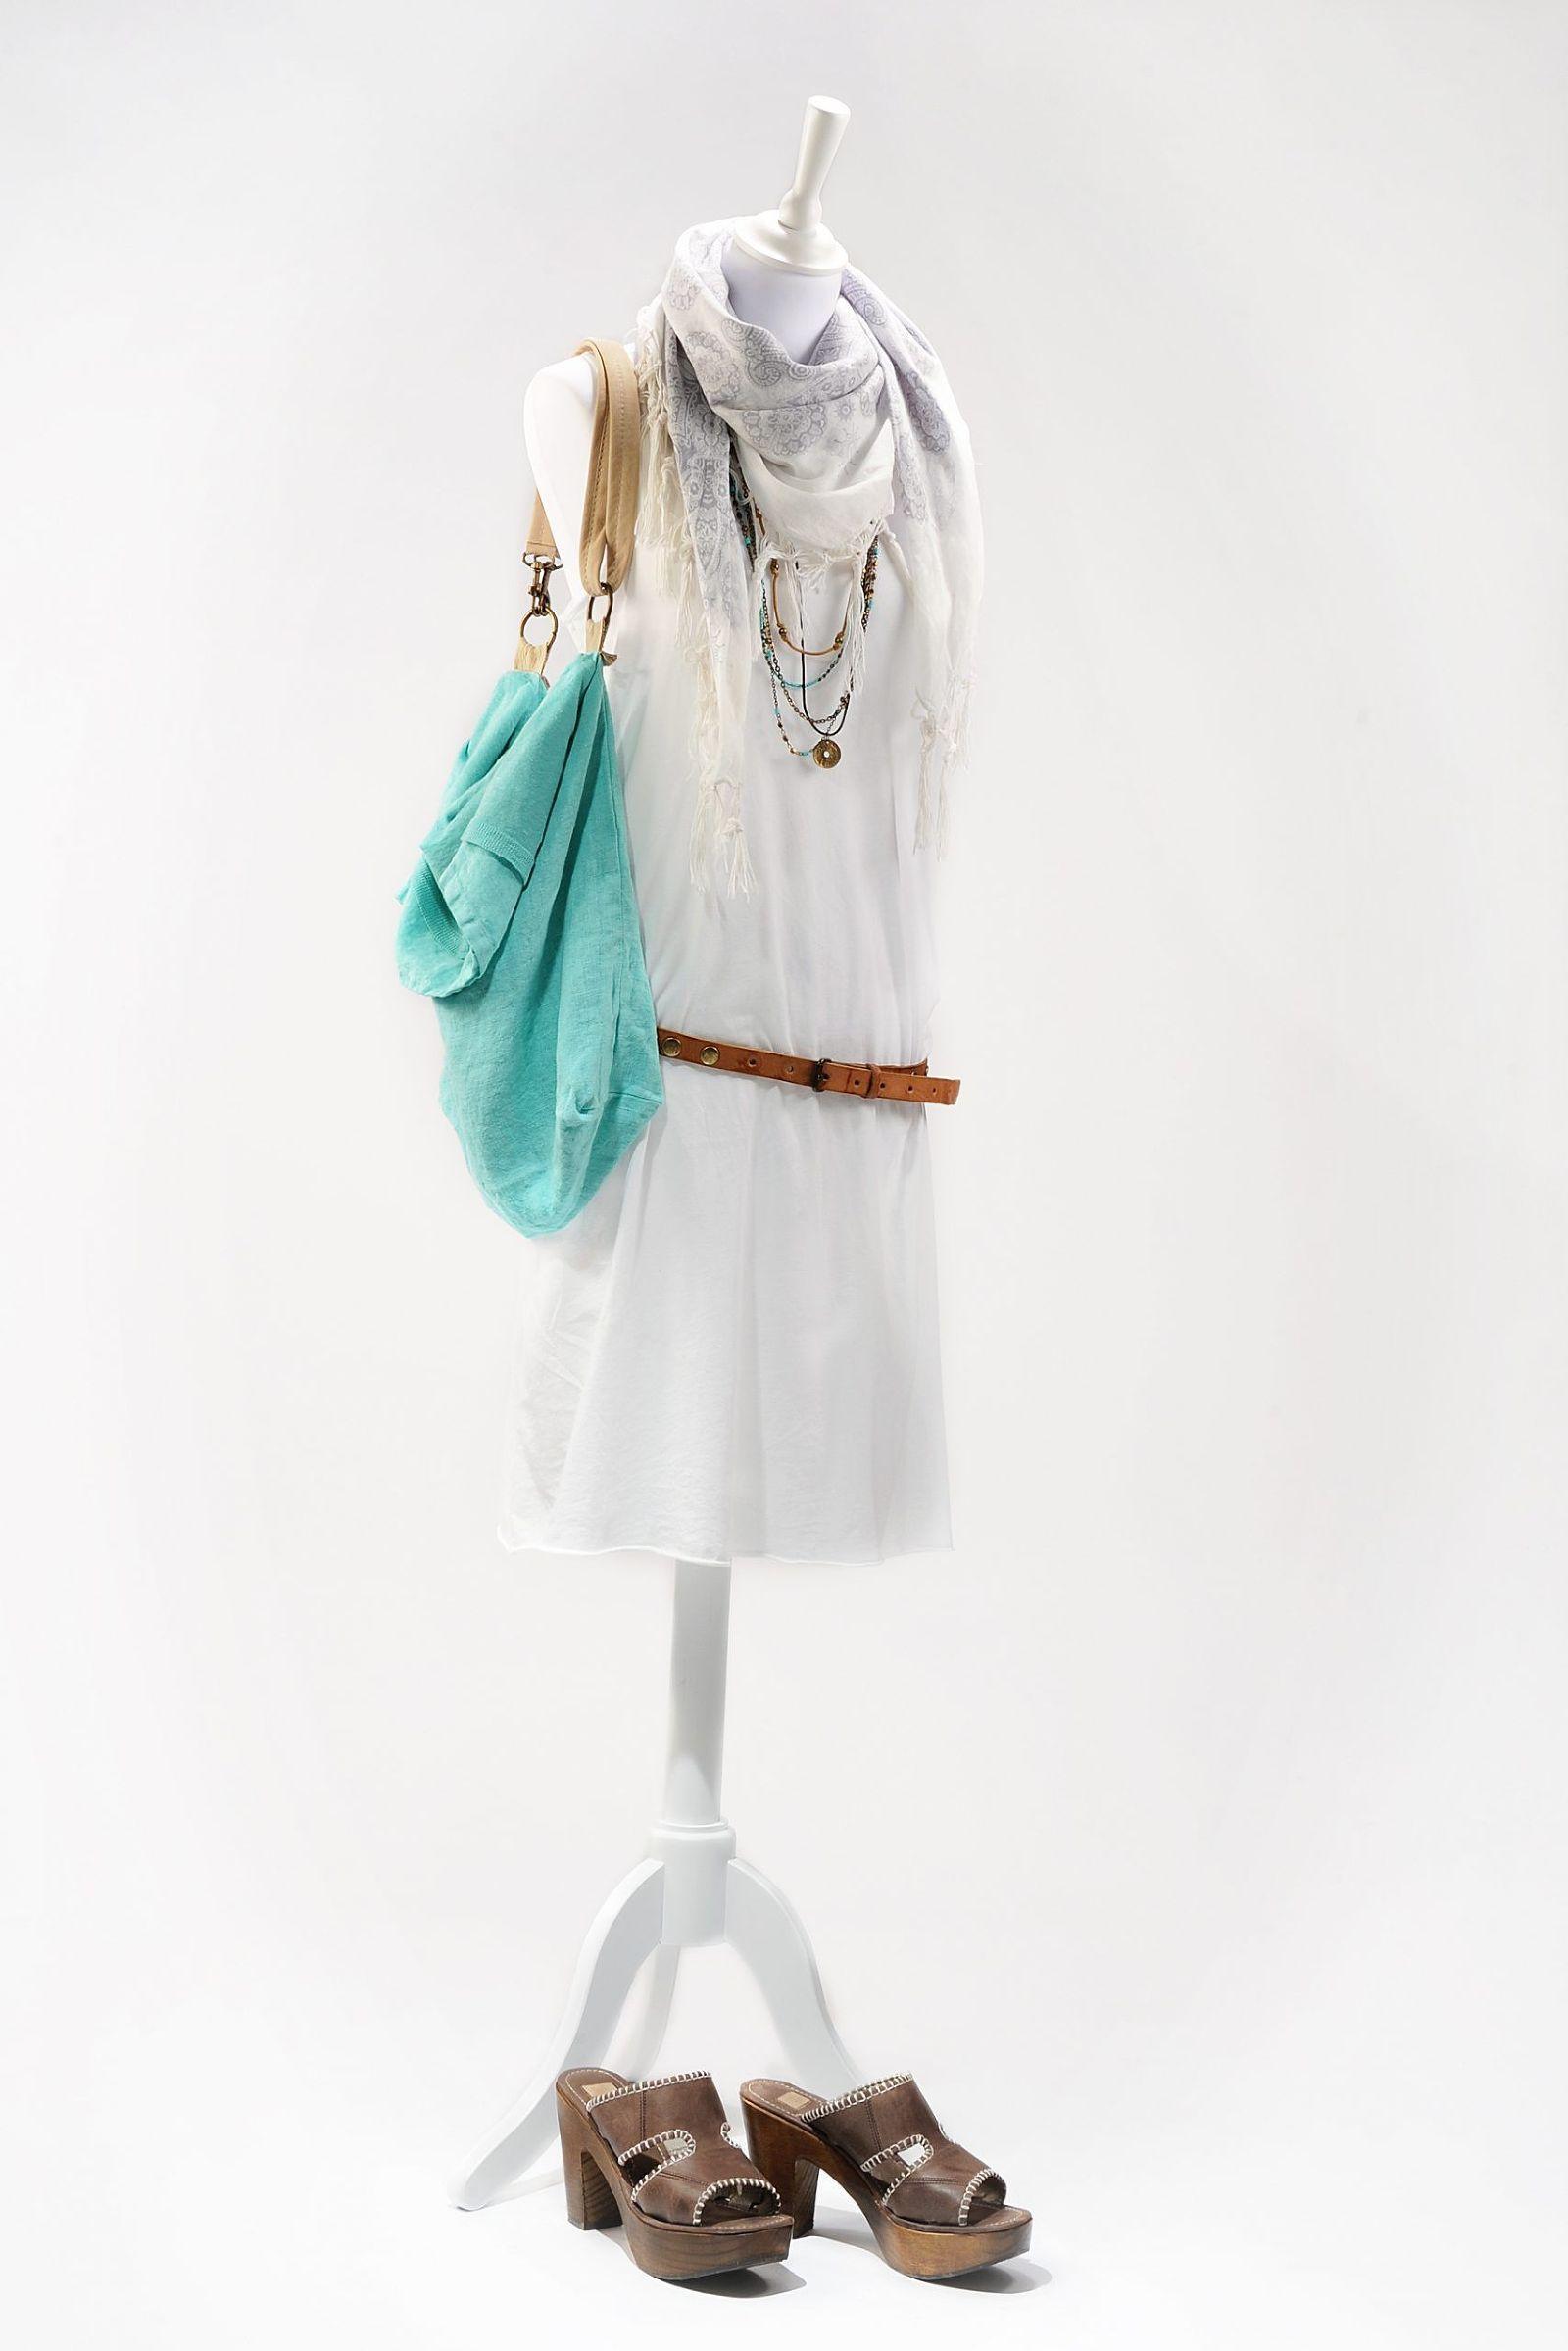 Fotografo-producto-ropa-11